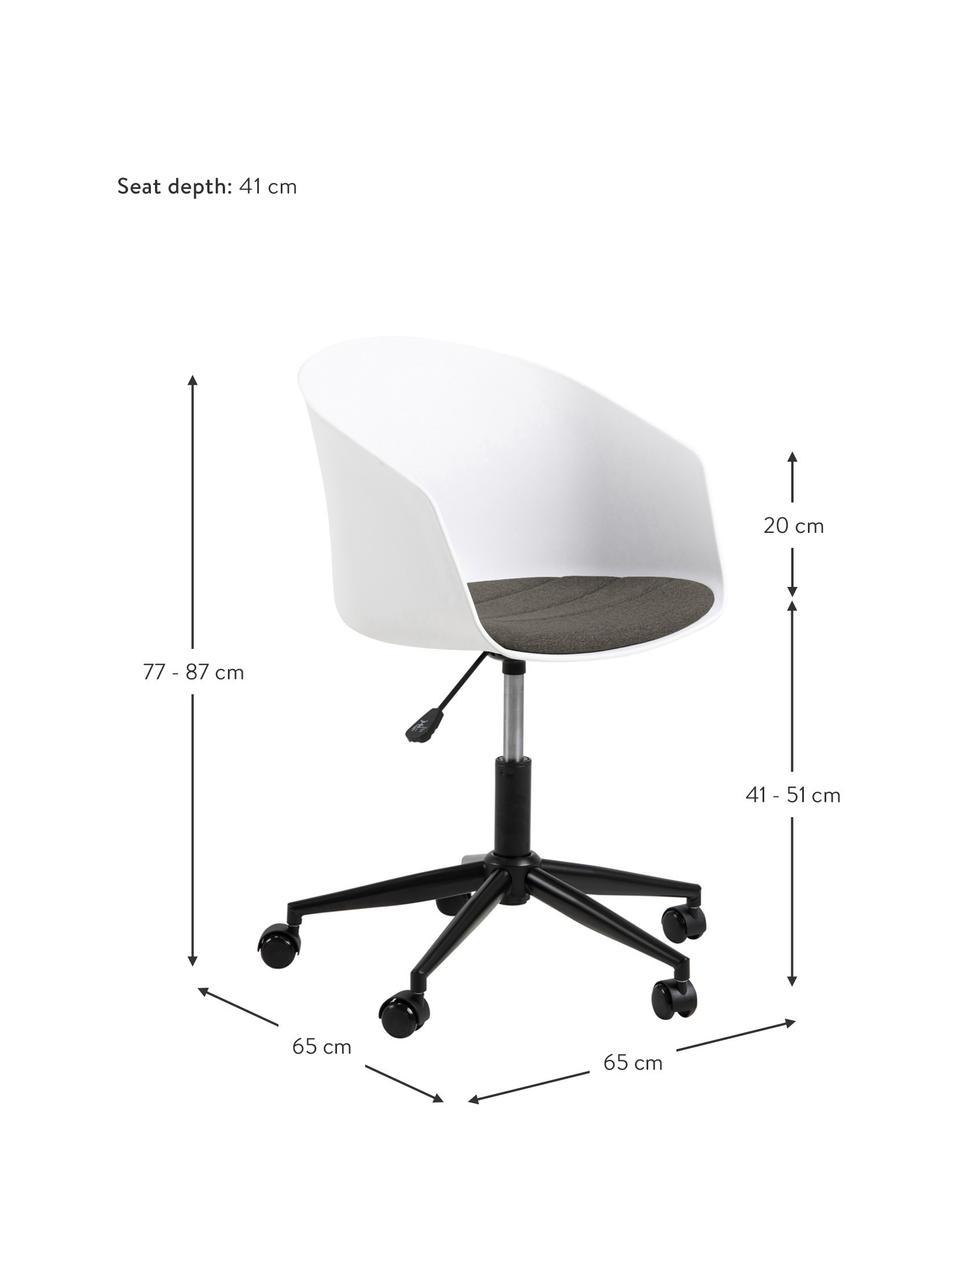 Krzesło biurowe Moon, obrotowe, Stelaż: metal malowany proszkowo, Biały, ciemny szary, czarny, S 65 x G 65 cm